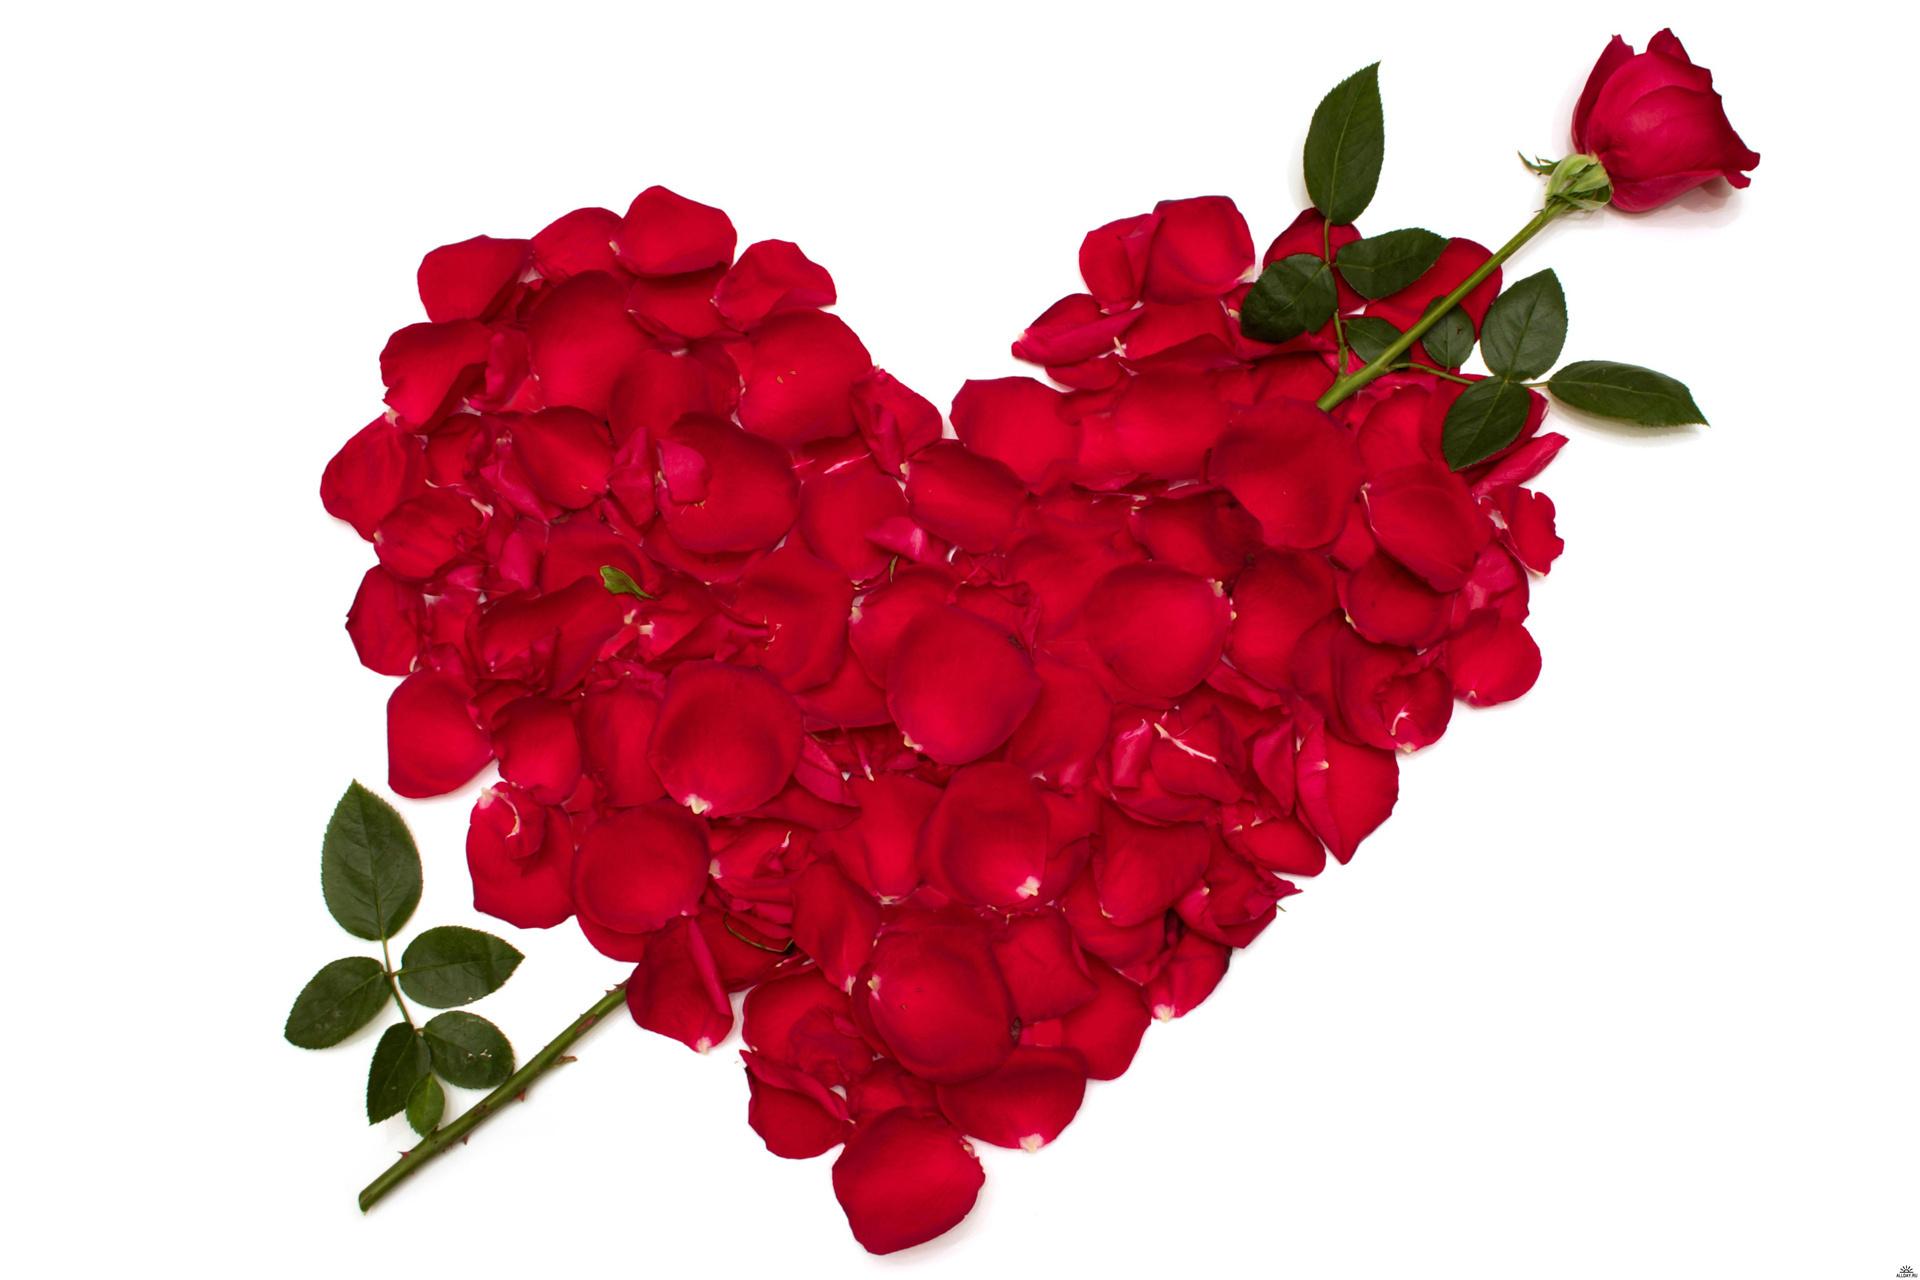 Розы, цветы, цветок, красная обои скачать